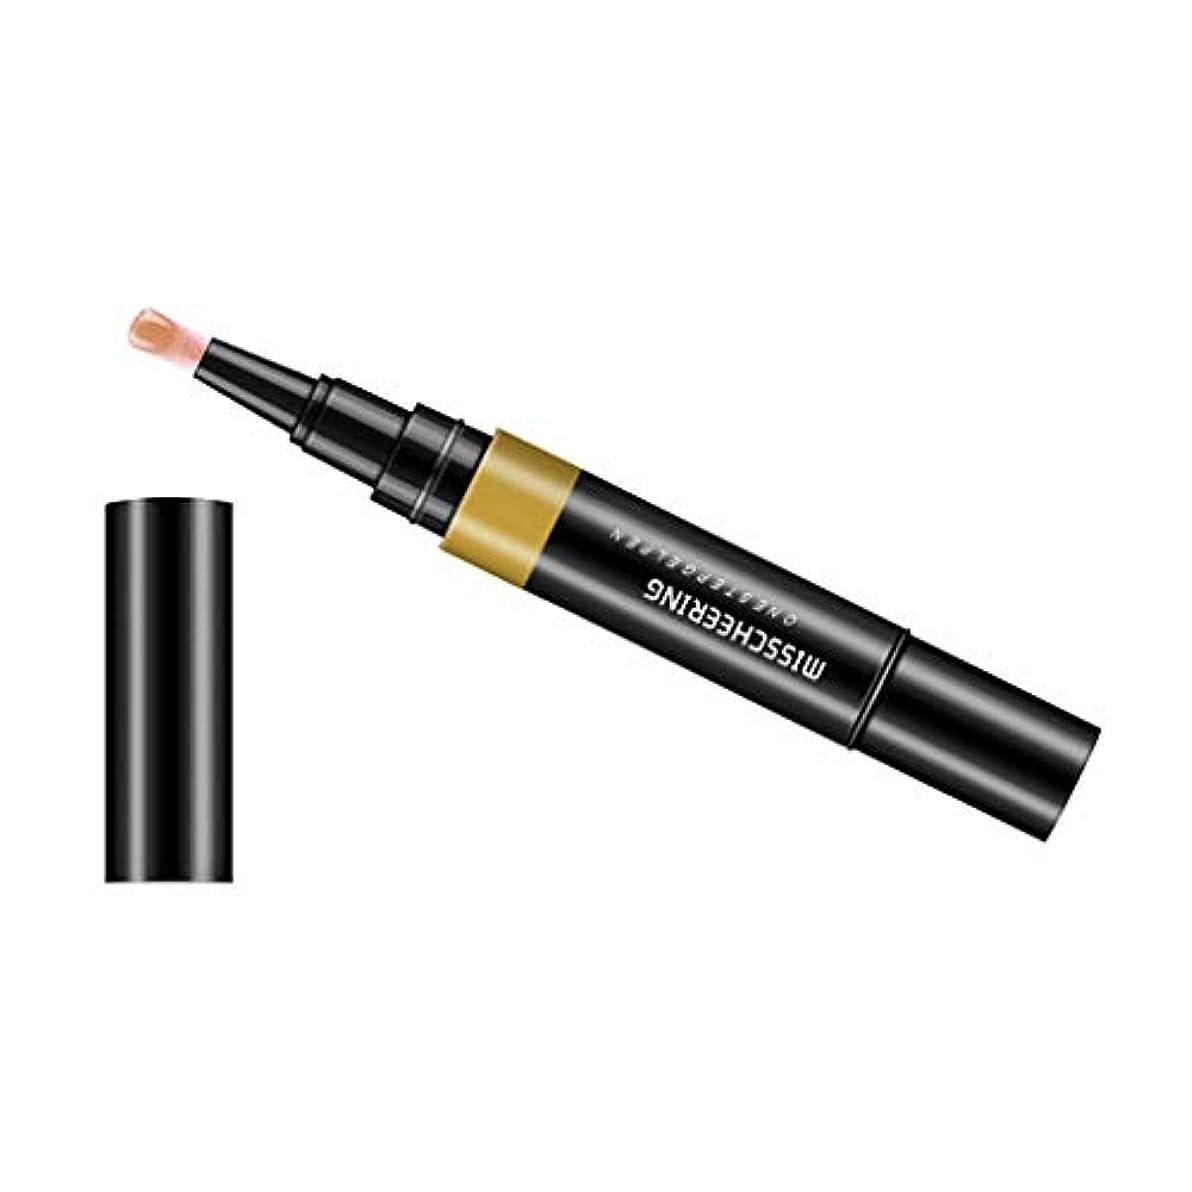 けがをする無駄にマイルドToygogo ジェル マニキュアペン ワニスラッカー ネイルアートペン 3 イン 1 サロン 初心者 セルフネイル DIY - コーヒー